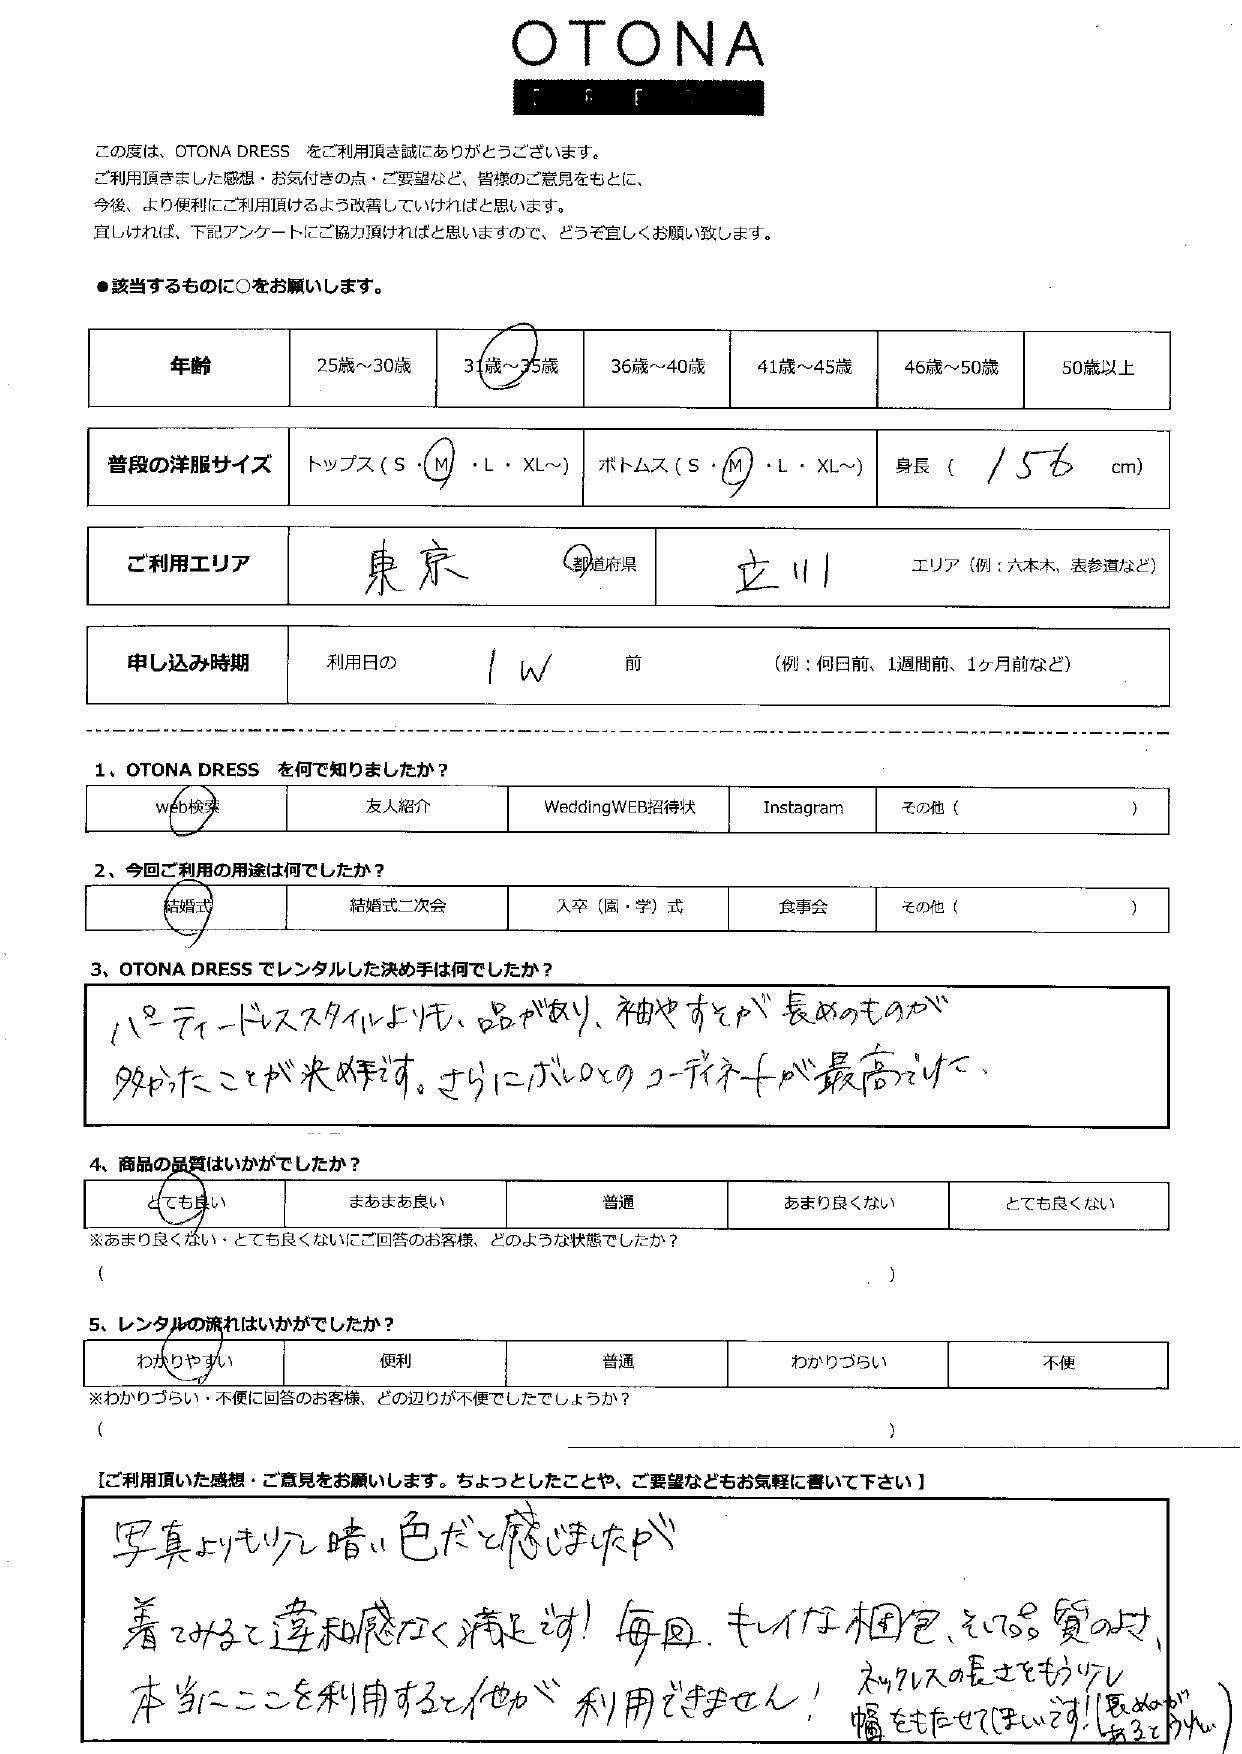 9/12結婚式ご利用 東京・立川エリア